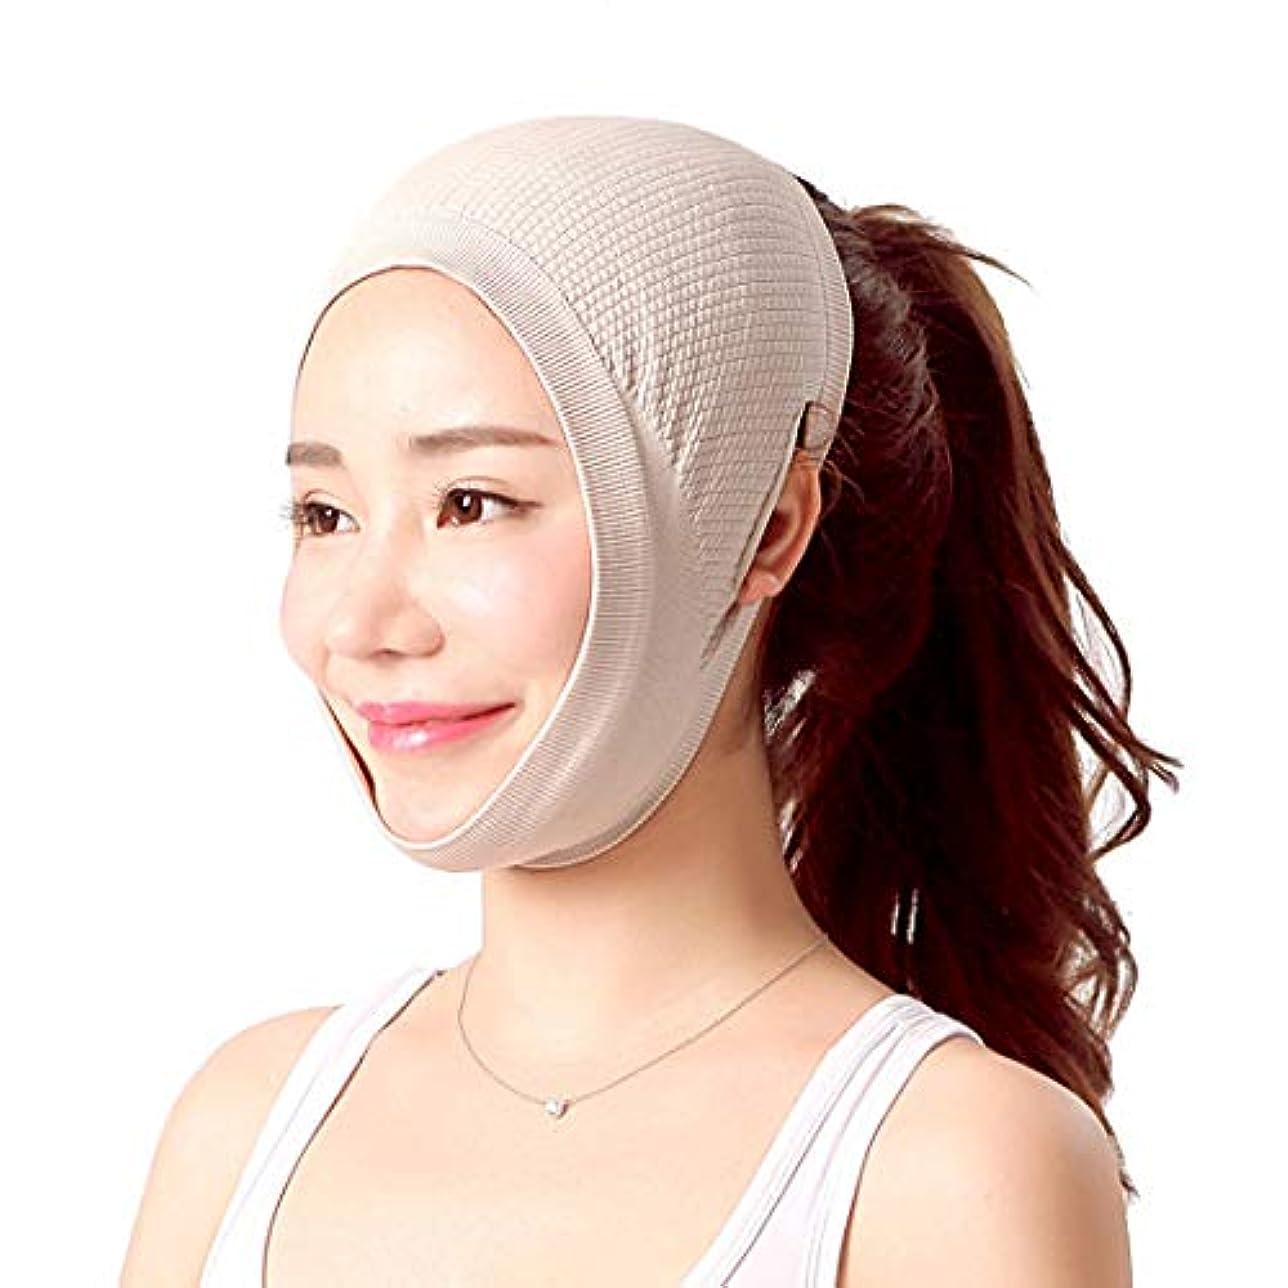 パブ程度程度ZWBD フェイスマスク, 減量の包帯を取除くために皮の包帯、二重あごをきつく締めるための顔の包帯が付いている顔の減量のマスクは調節することができます